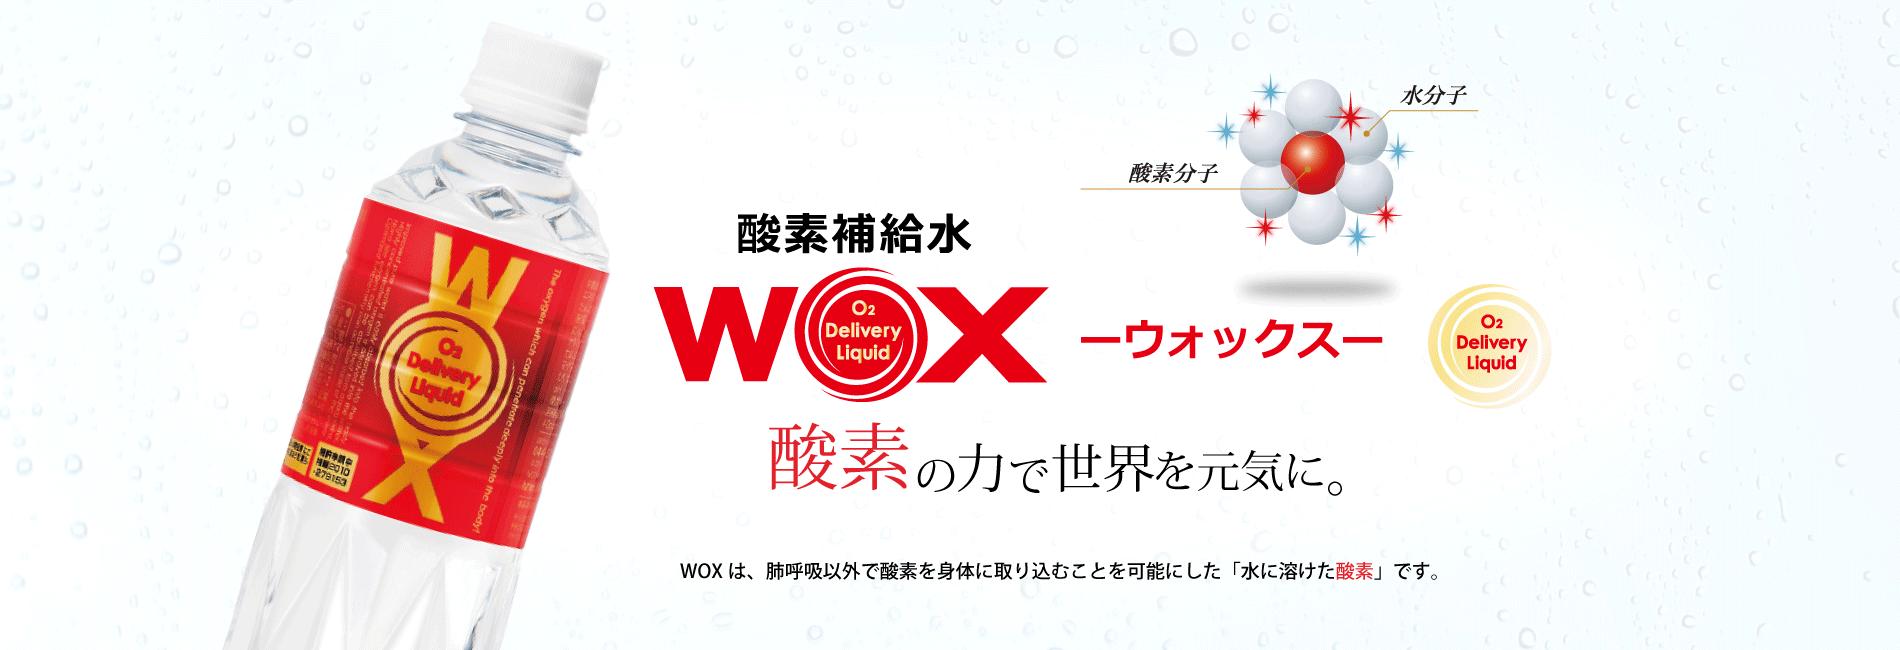 酸素補給水WOX-ウォックス- 酸素の力で世界を元気に。WOXは、肺呼吸以外で酸素を身体に取り込むことを可能にした「水に溶けた酸素」です。